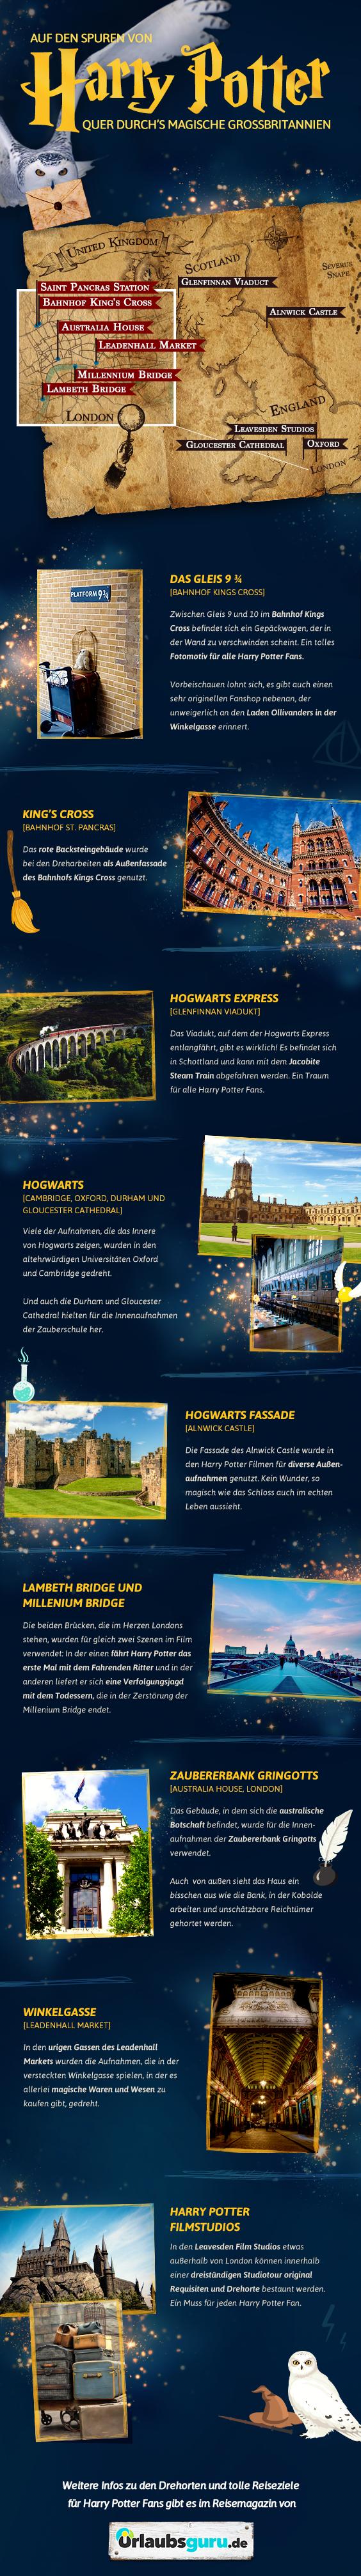 Die Harry Potter Drehorte In Grossbritannien Urlaubsguru De London Urlaub Grossbritannien Reisen